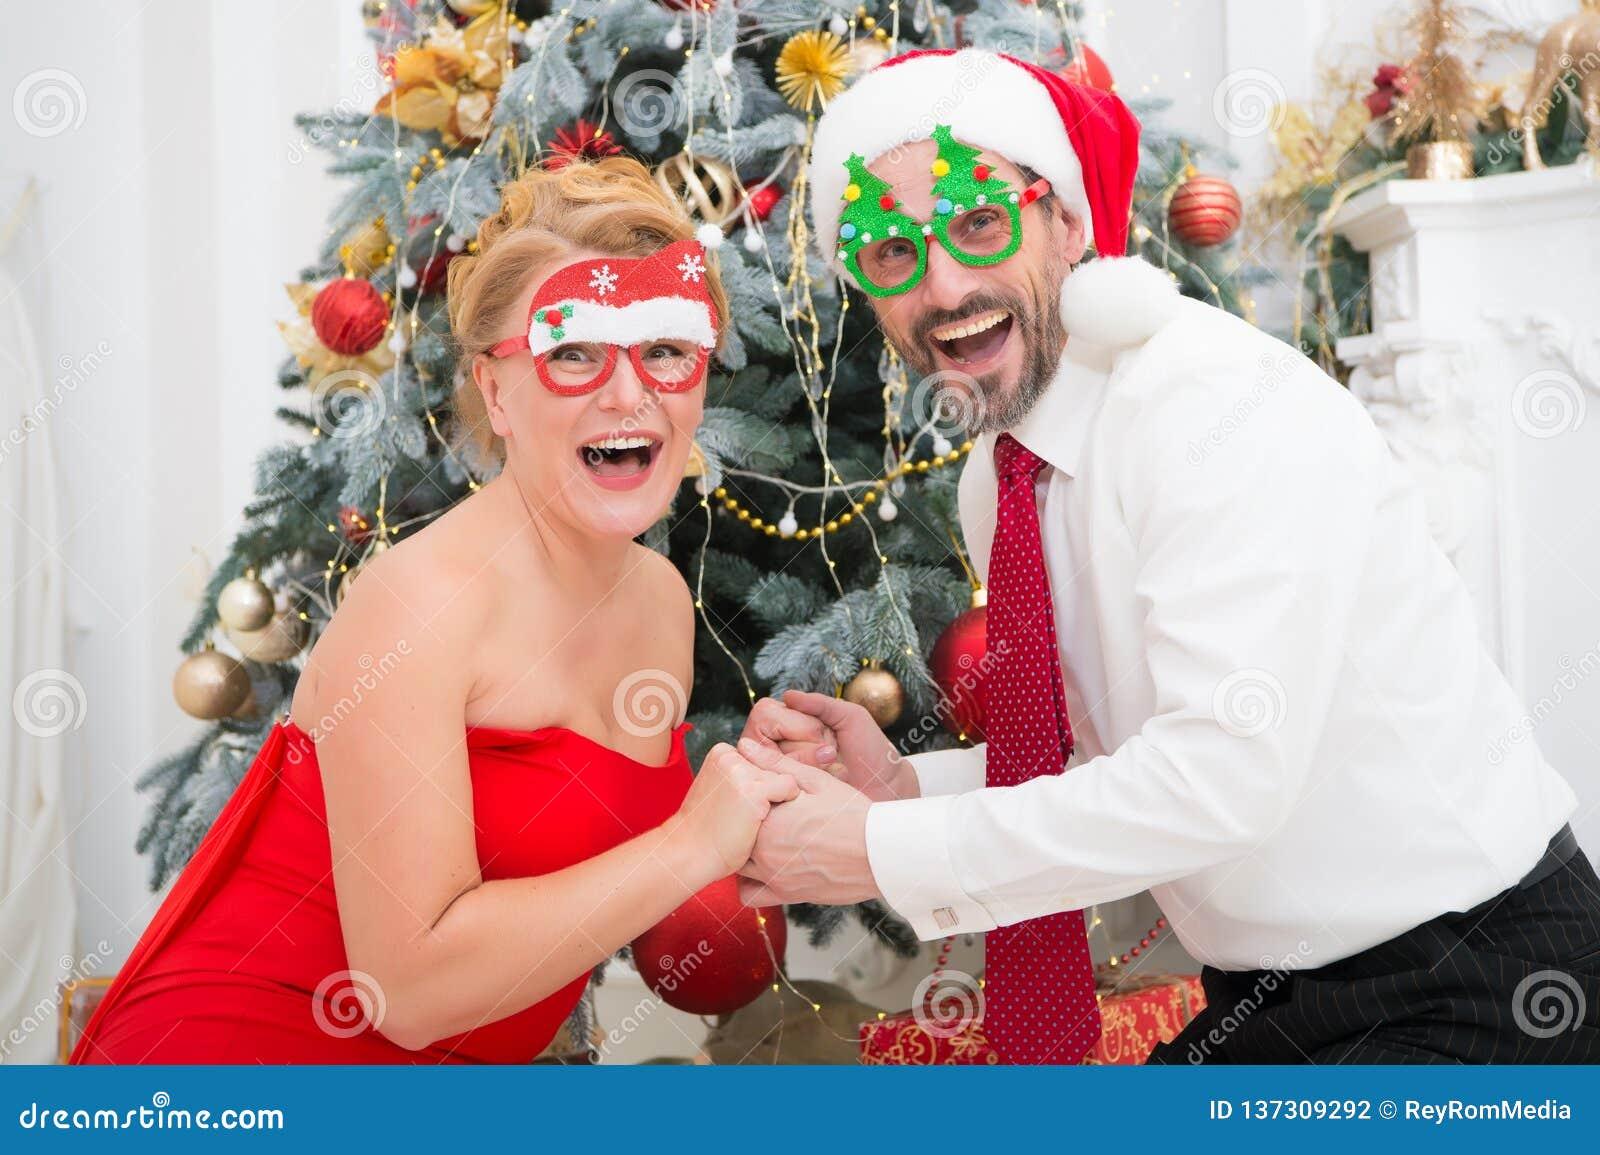 Εύθυμο μοντέρνο ζεύγος που φορά τα γυαλιά κομμάτων και που εκφράζει την έκπληξη με το χριστουγεννιάτικο δέντρο στο υπόβαθρο